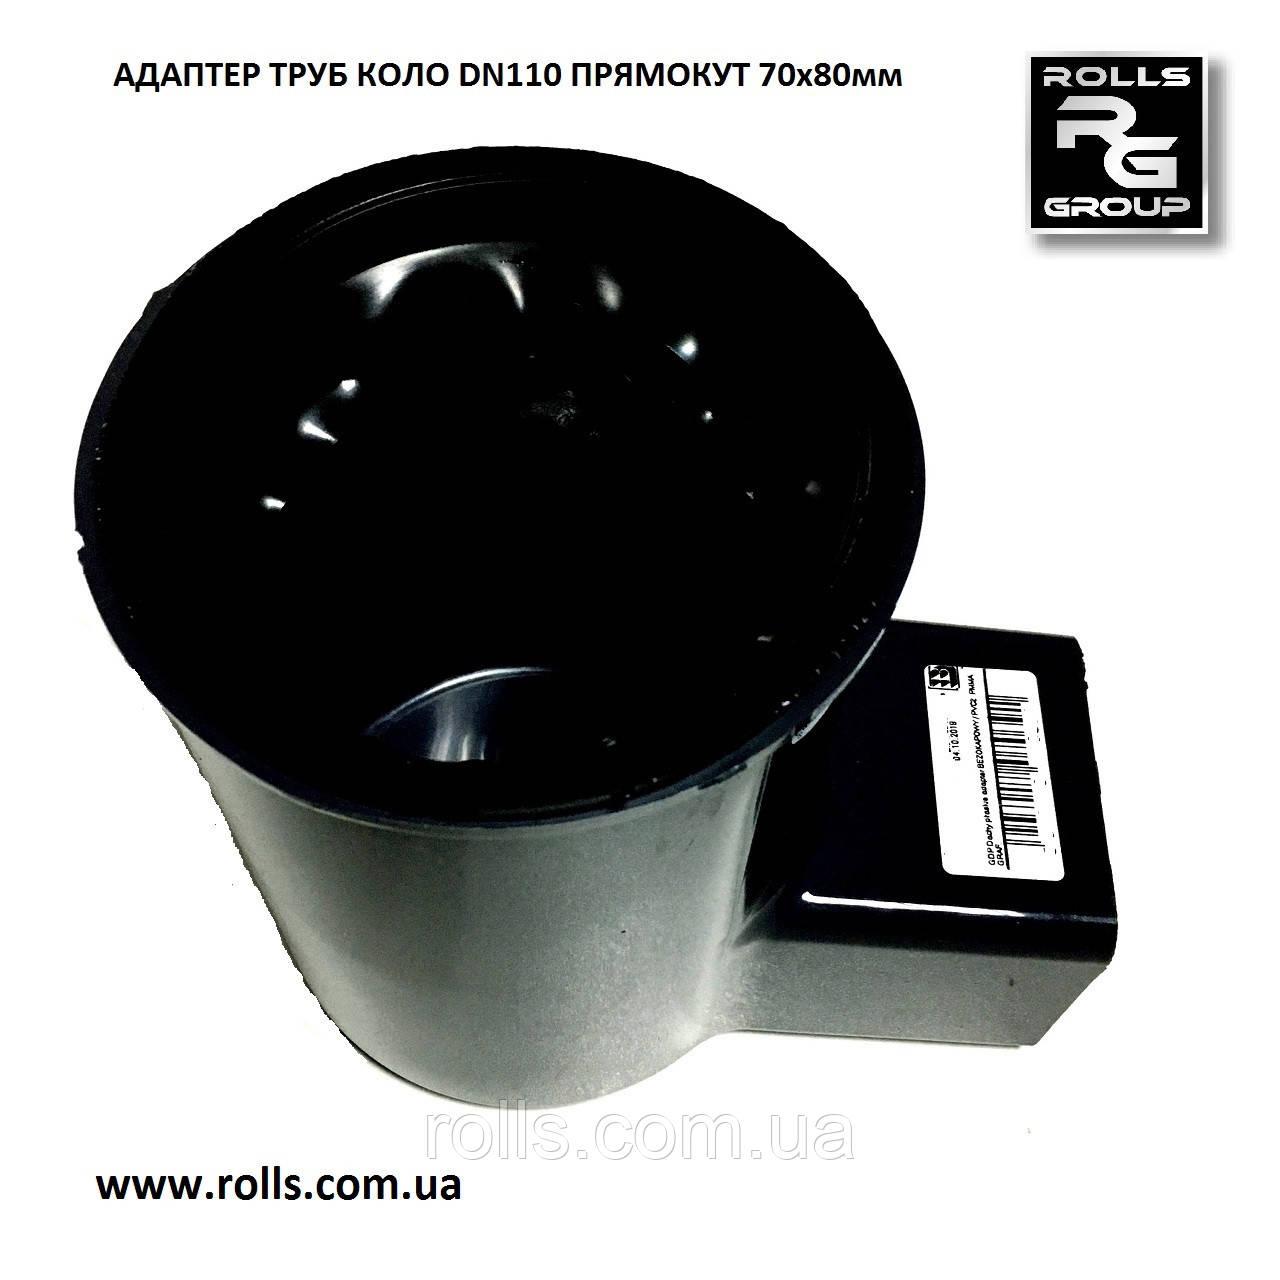 Переходник HIDDEN / PVC2 черный Колено угловой адаптер трубы круглого сечения DN110мм на прямоугольную 70х80мм